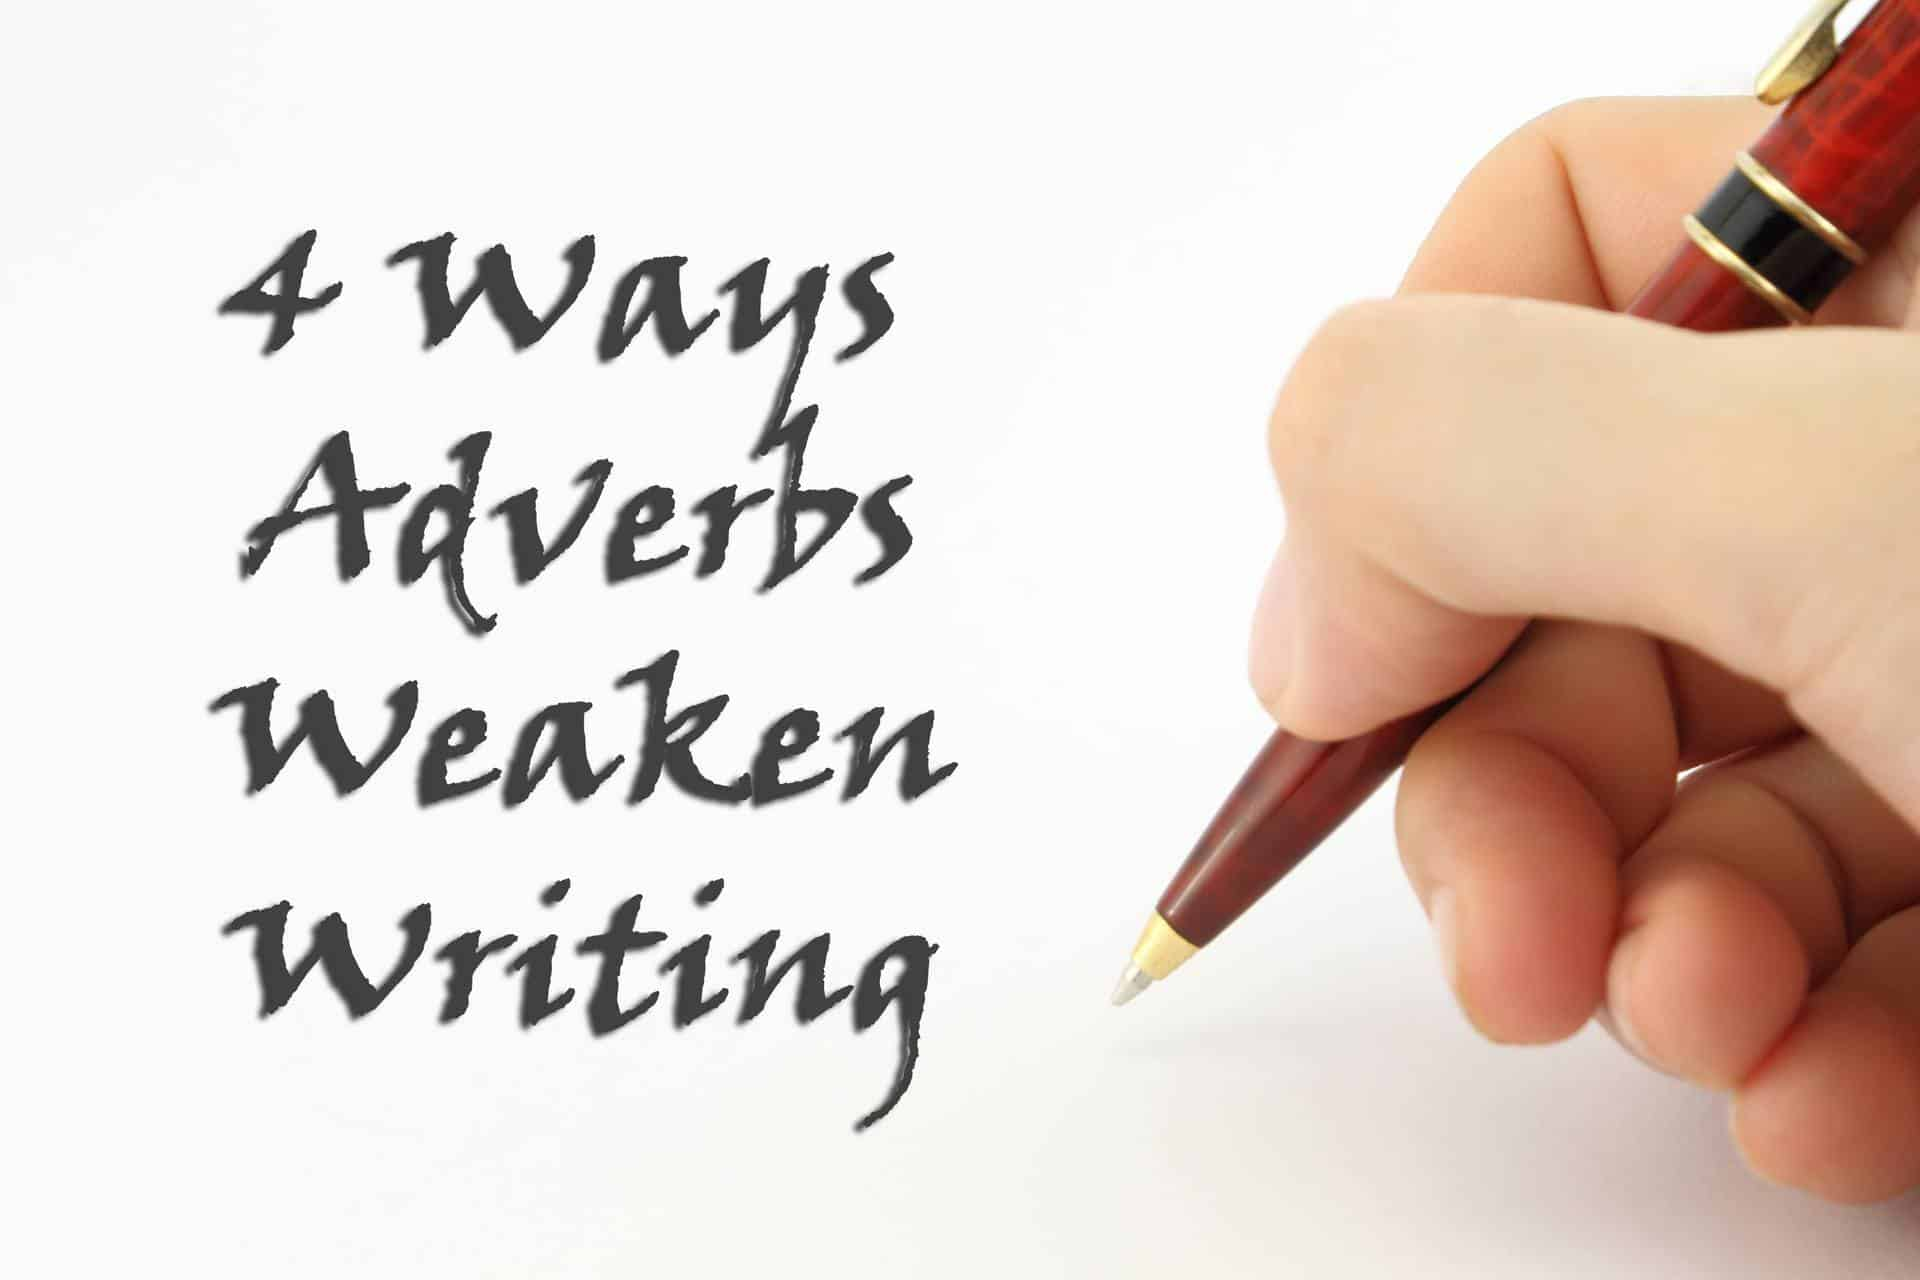 Adverbs Weaken Writing